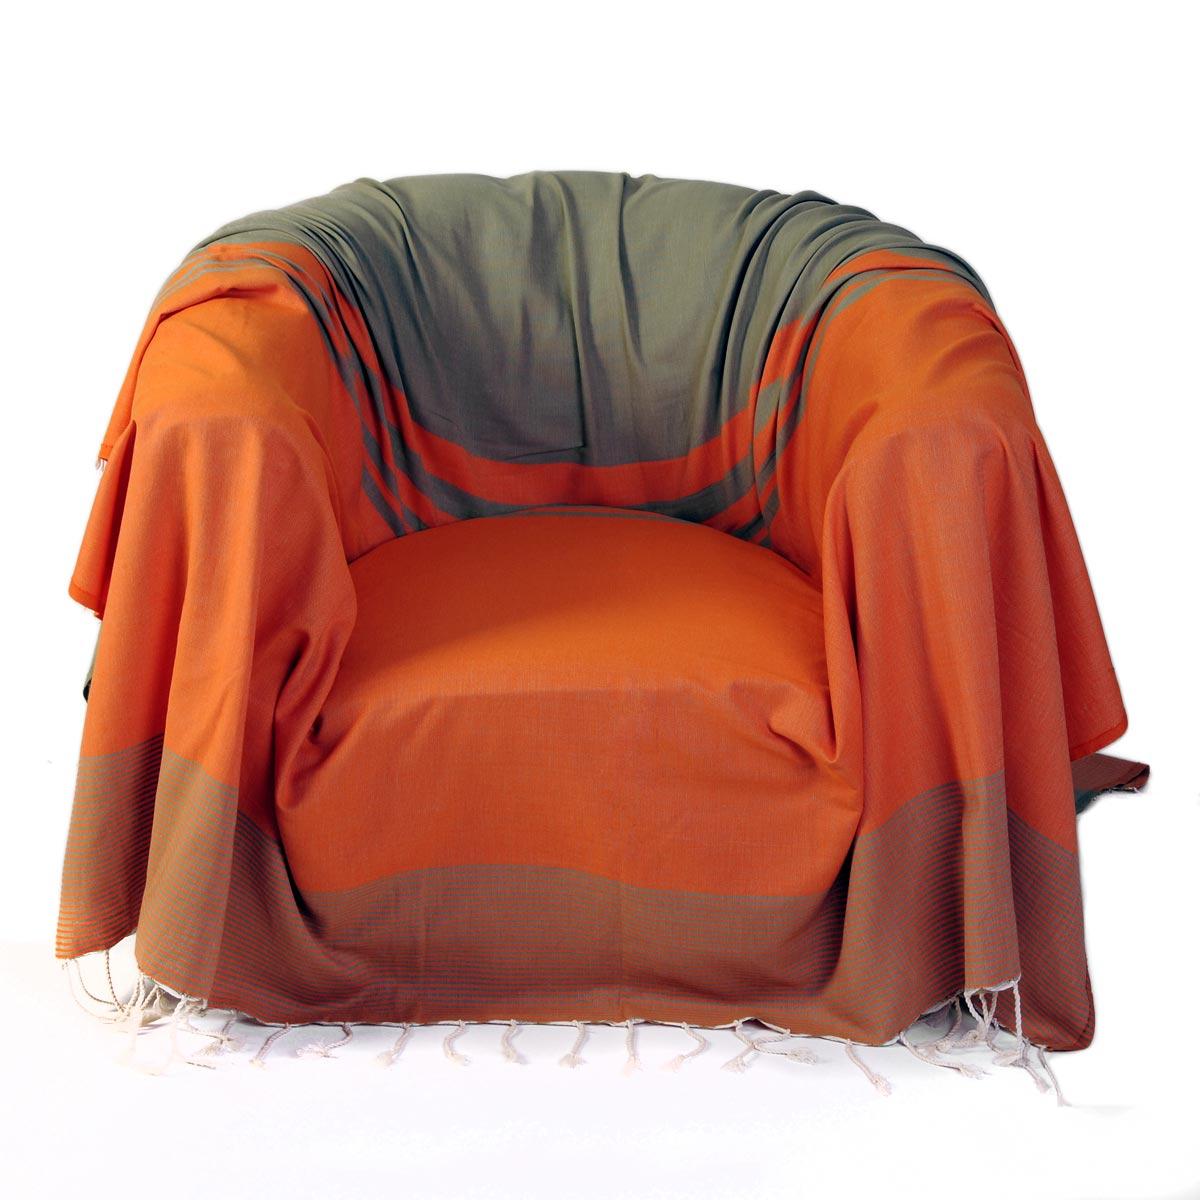 TANGER - Jeté de fauteuil coton rayures orange vert amande 200 x 200